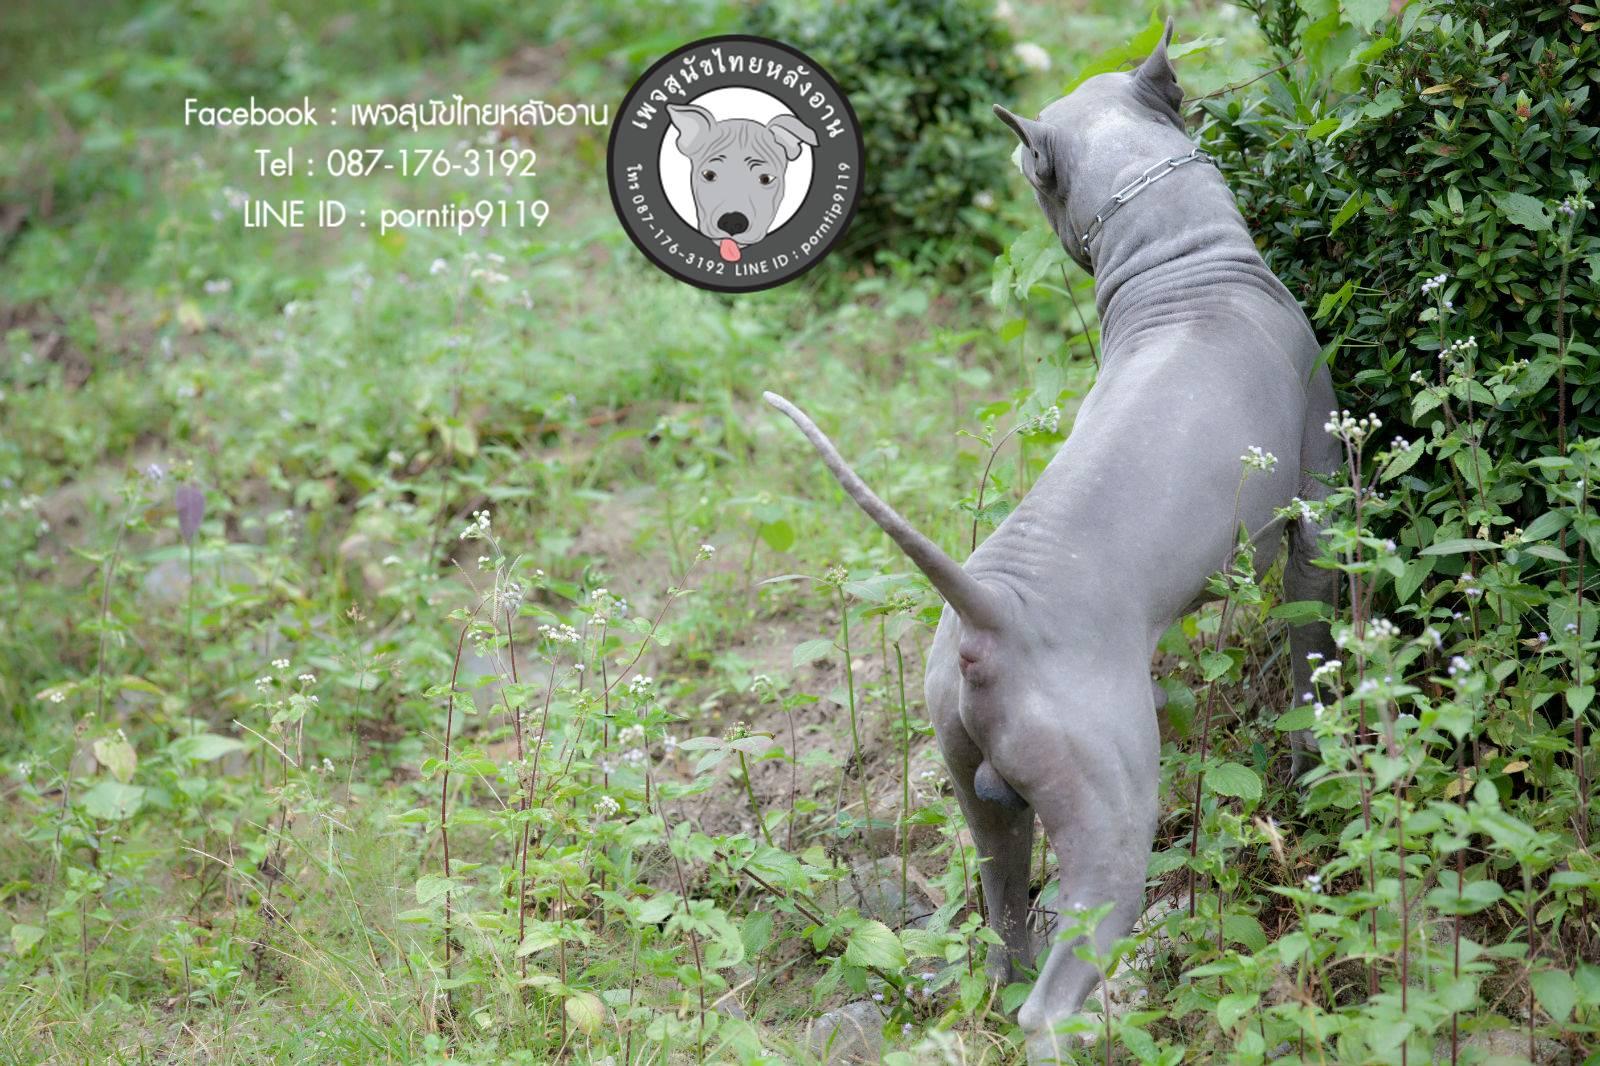 สุนัขไทยหลังอาน ขายสุนัขไทยหลังอาน   ลูกสุนัขไทยหลังอาน พ่อพันธุ์แม่พันธุ์Print-0350_webcamera360_20141224232958